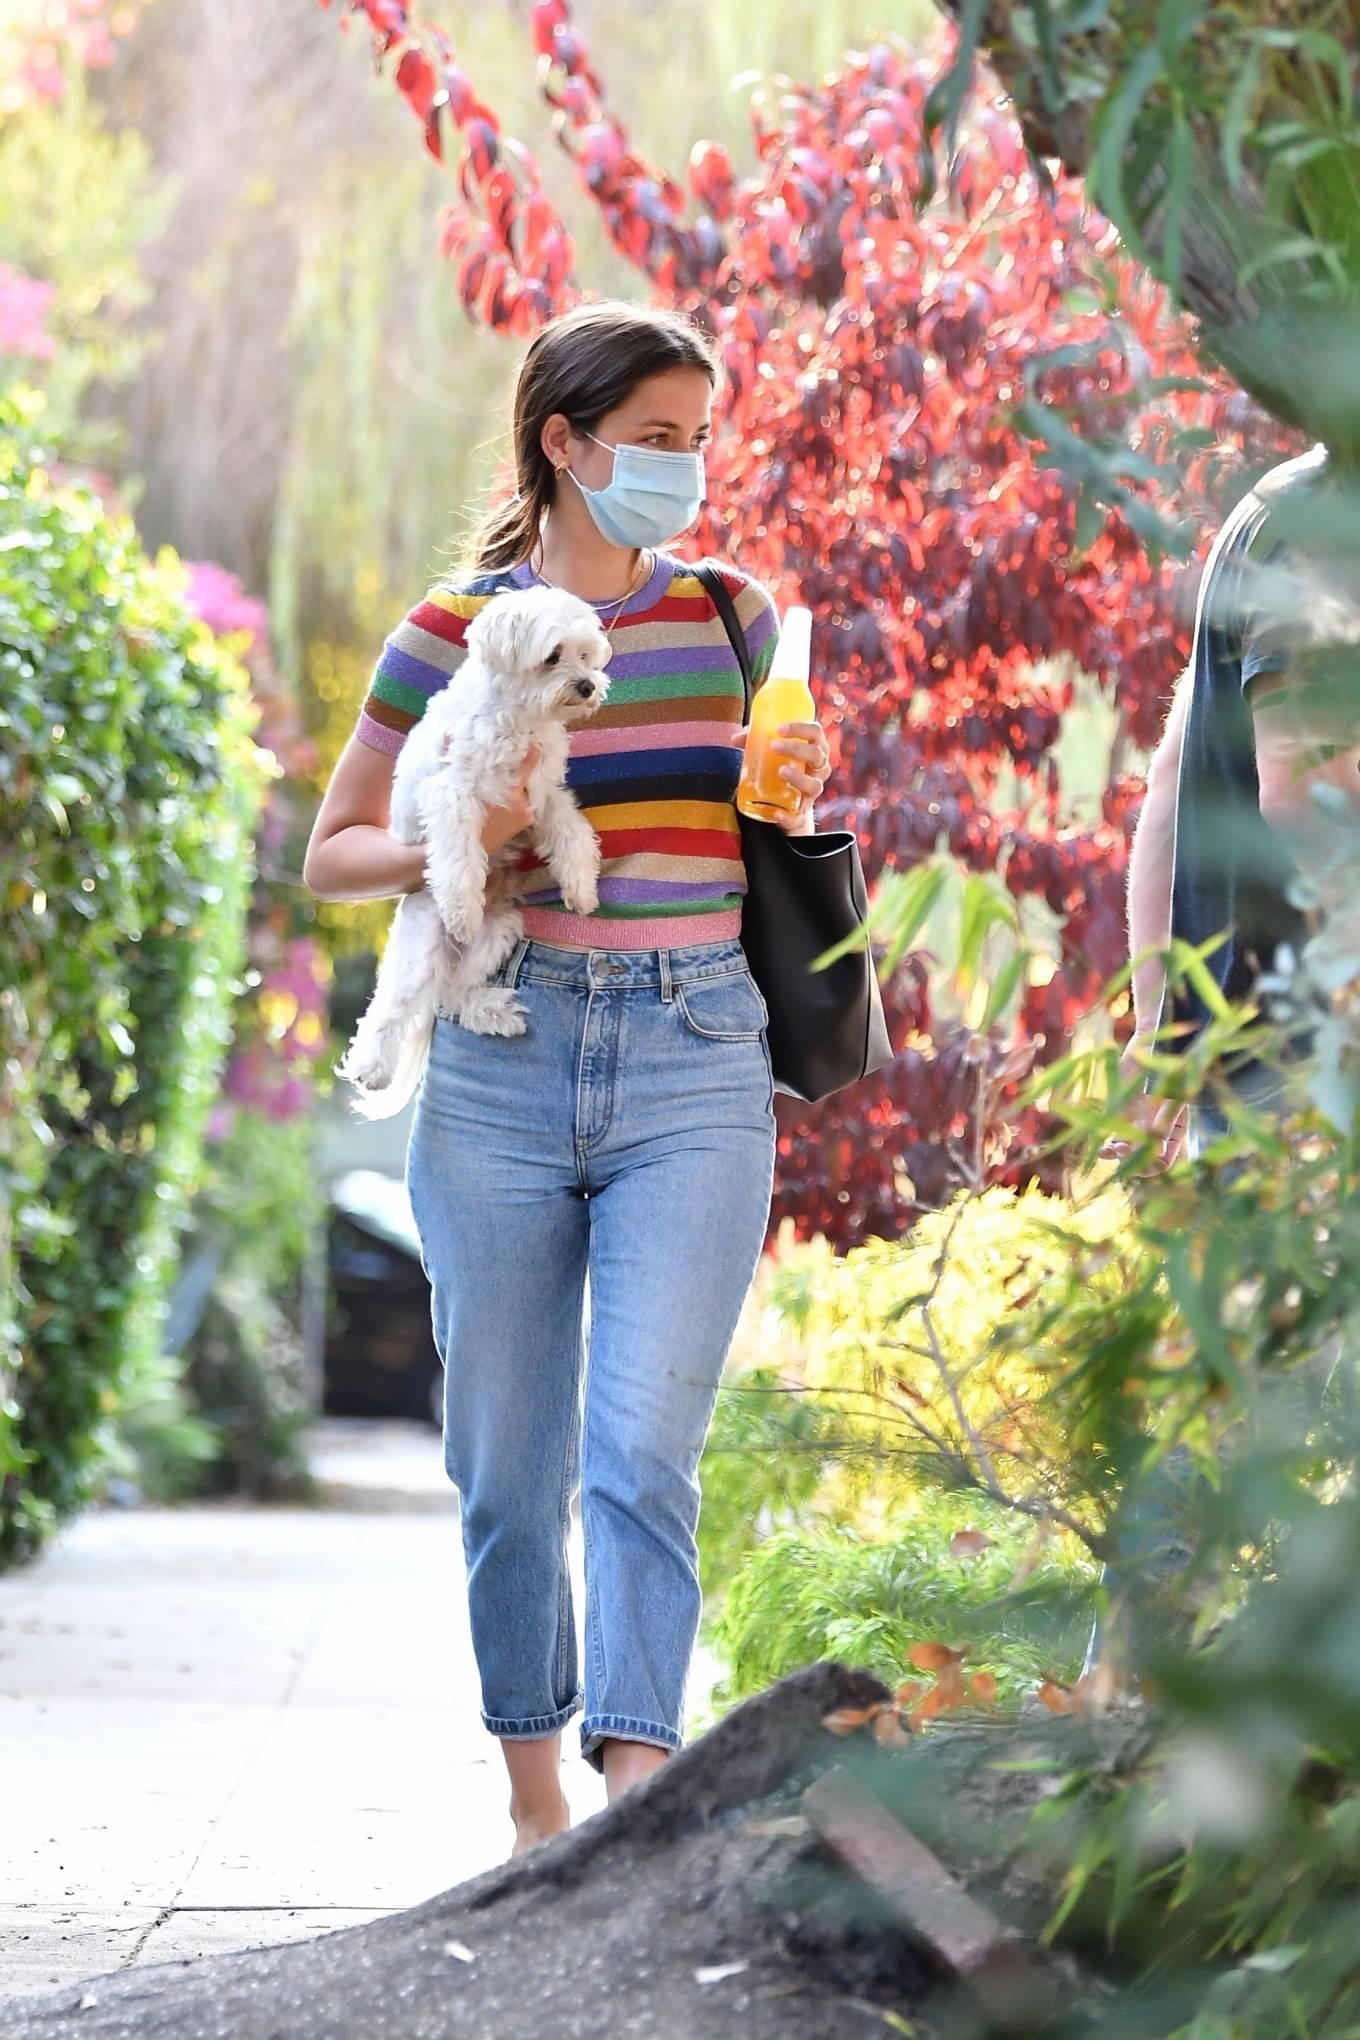 Ana de Armas - Moves from Venice Beach into Ben Affleck's home